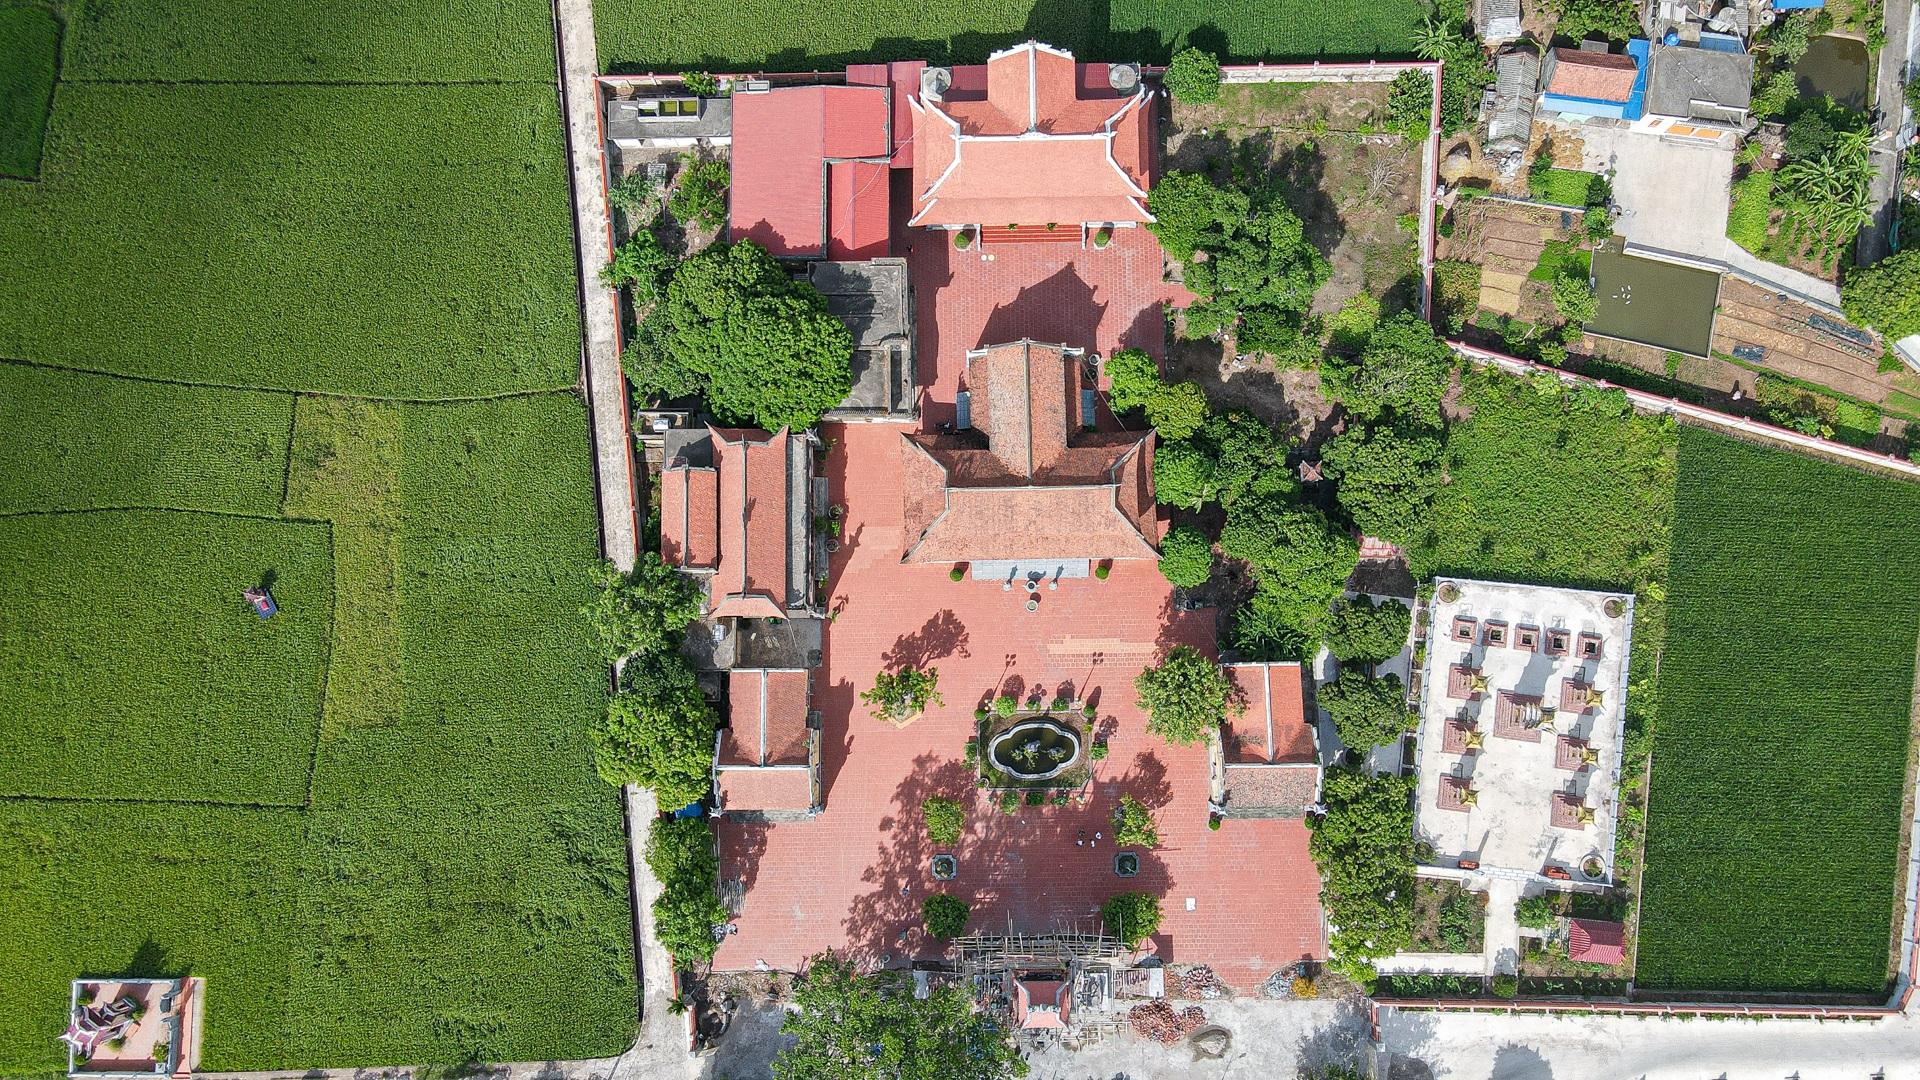 Ngôi đền 600 năm tuổi có kiến trúc độc đáo bậc nhất ở Nam Định - 4